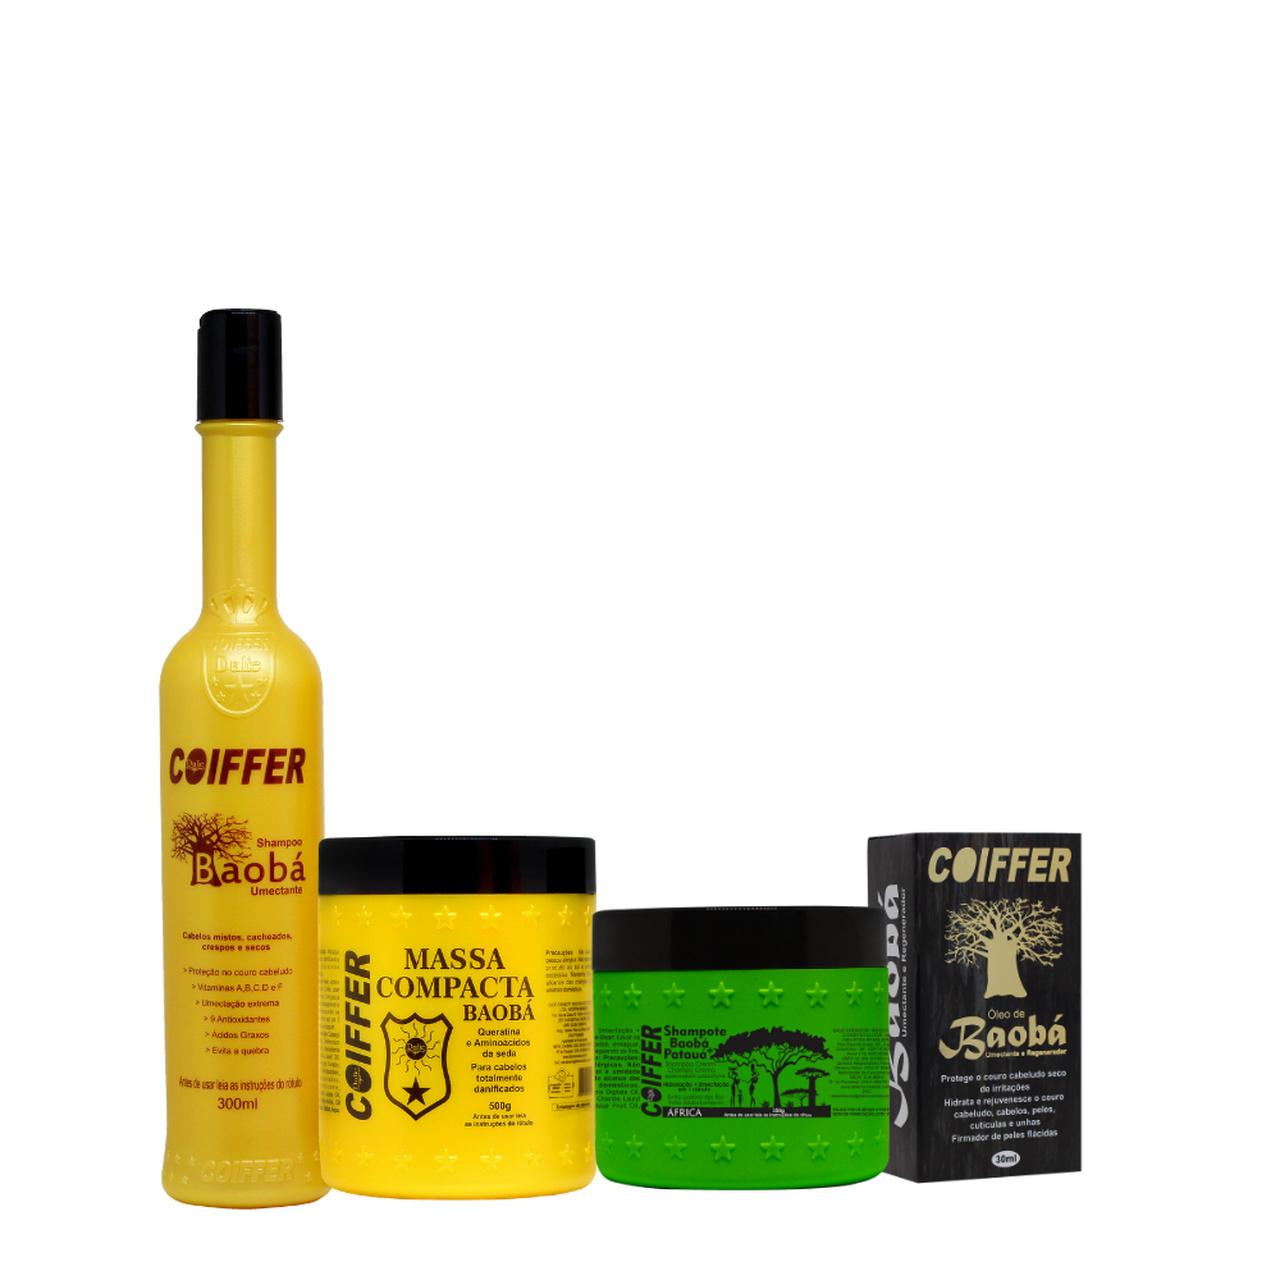 Kit Baoba Coiffer